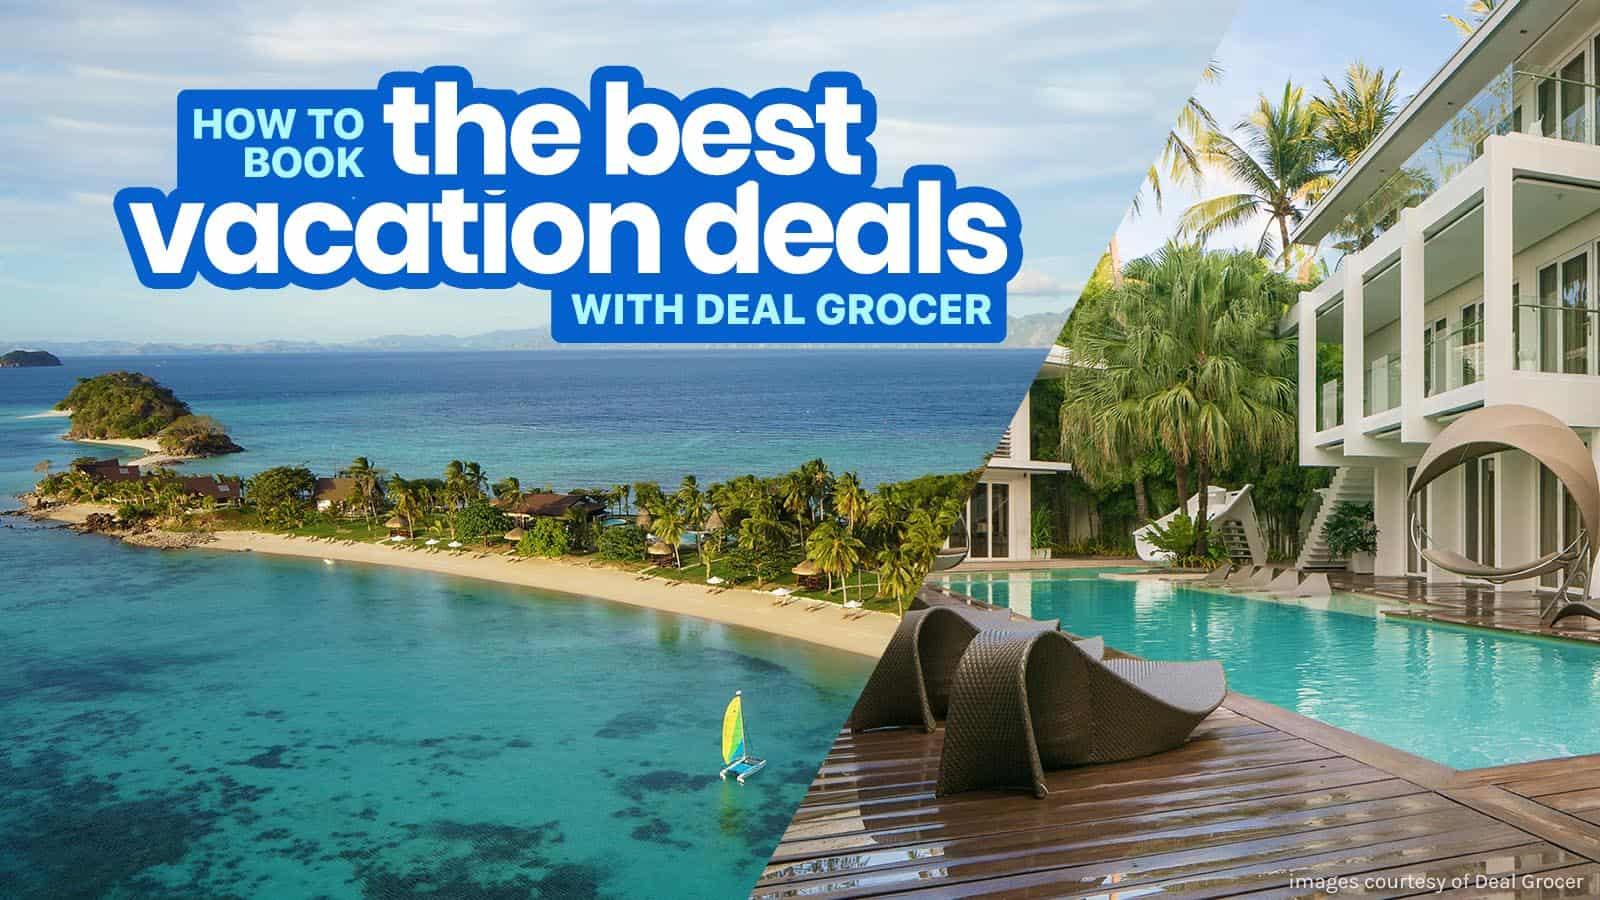 如何用Deal Grocer预订最好的度假优惠券   穷游者的行程安排博客